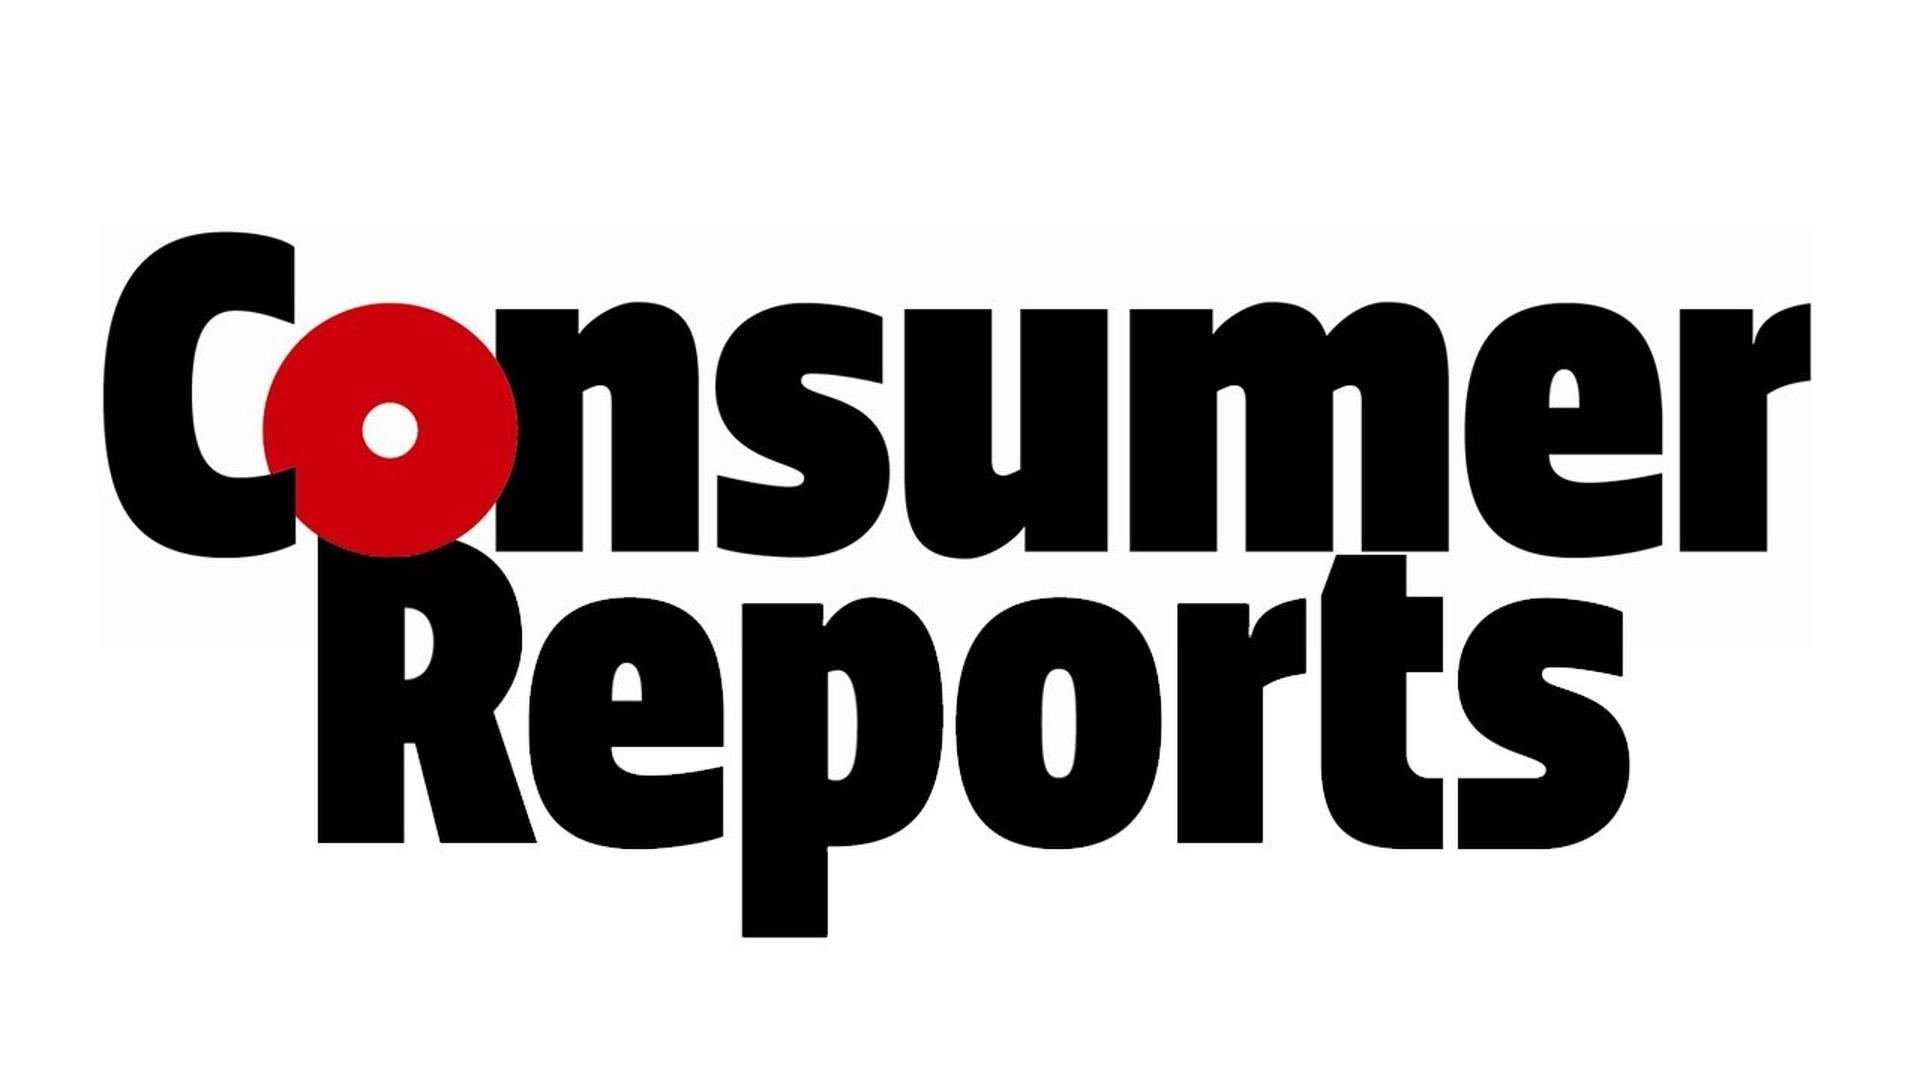 dating.com reviews consumer reports 2016 car shows